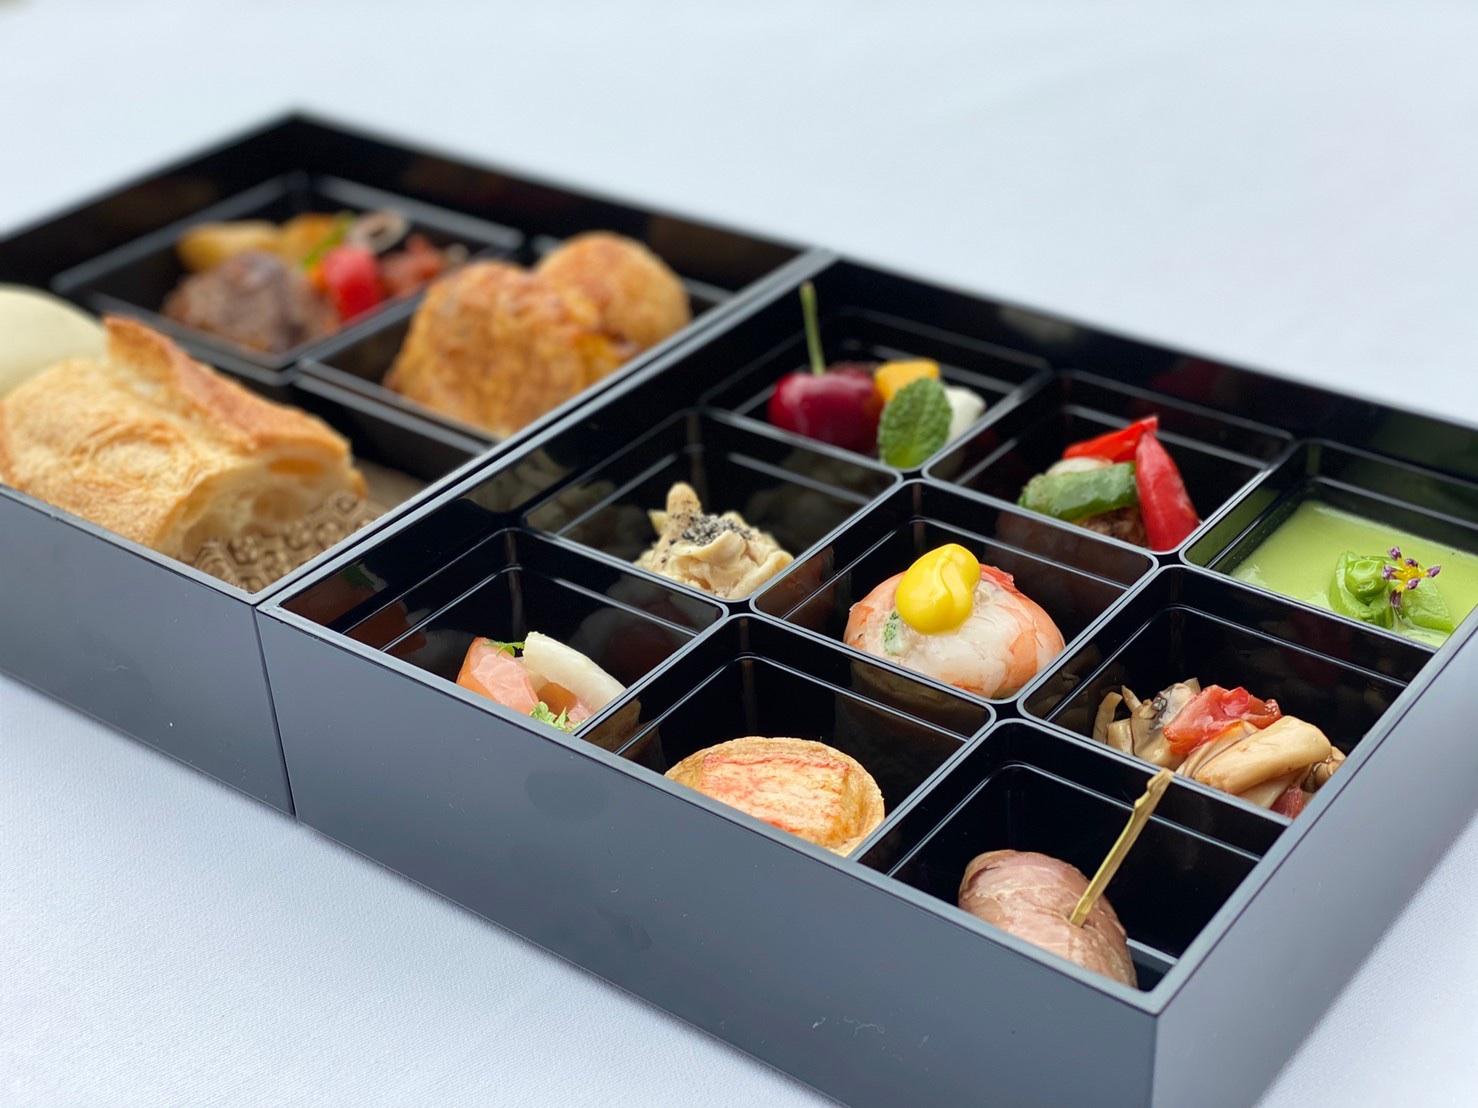 京都で仕出し弁当が愉しめるケータリング【円居】